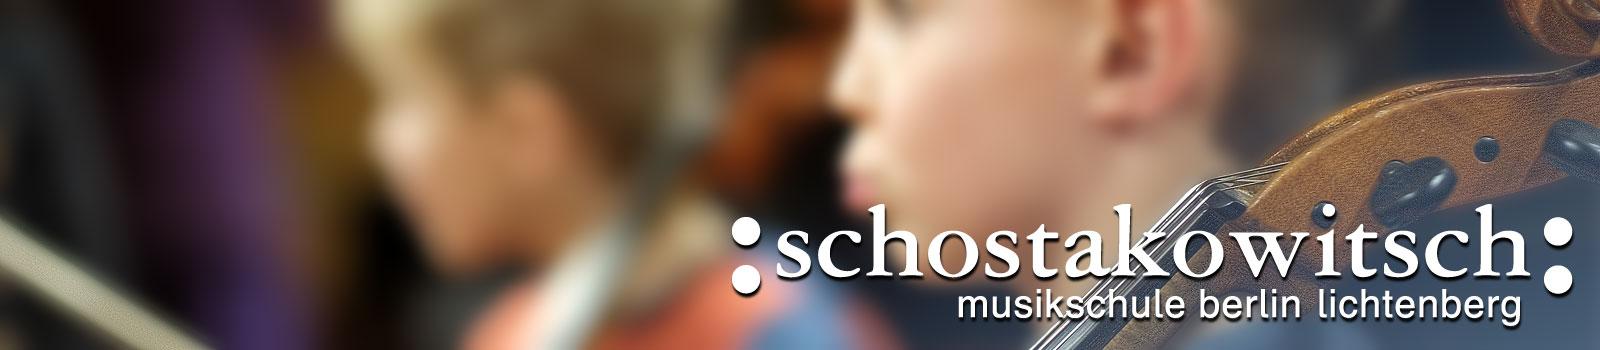 Schostakowitsch-Musikschule Berlin-Lichtenberg